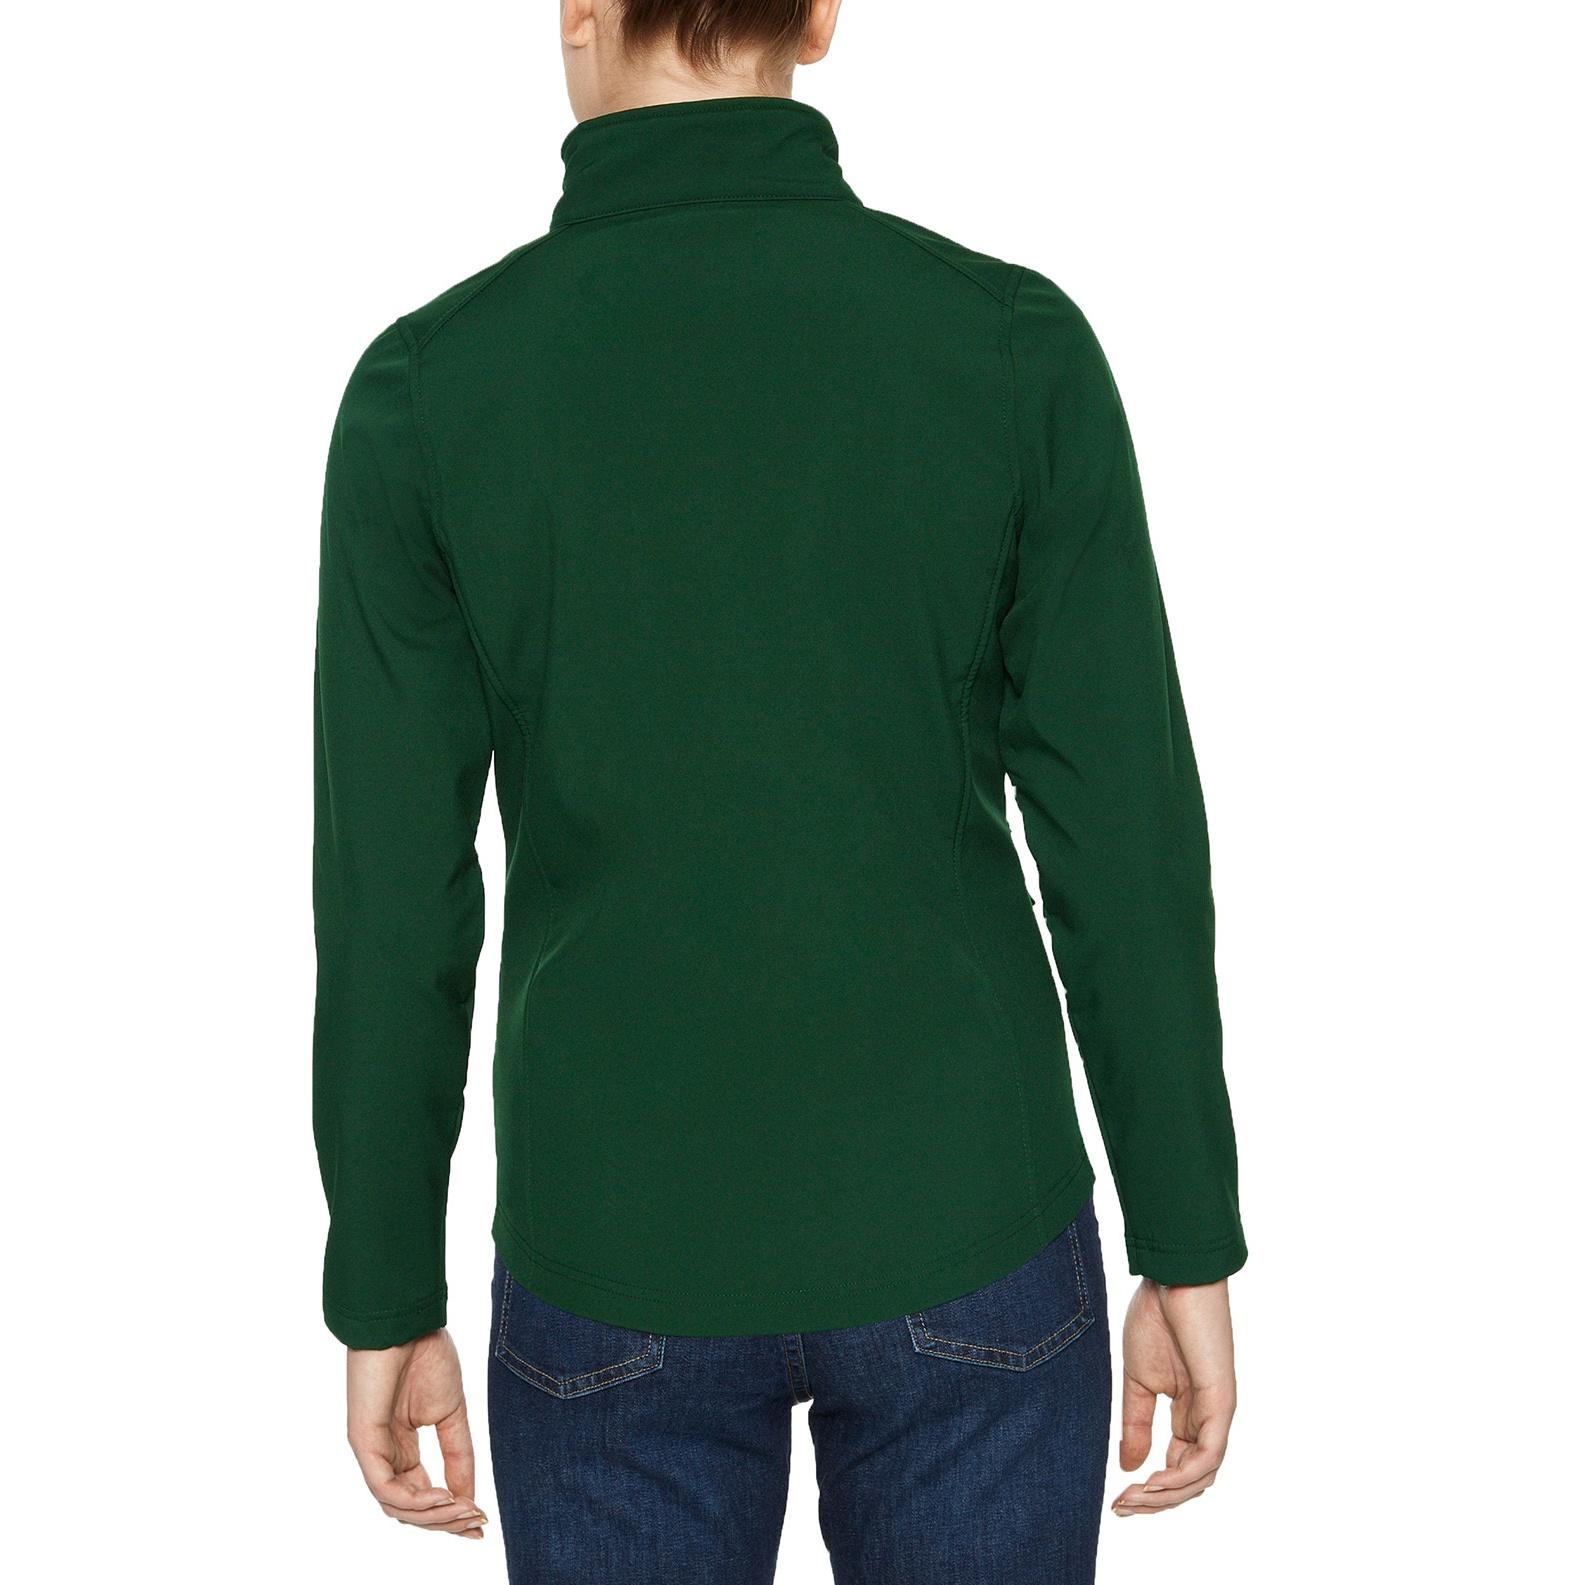 Gildan Womens/Ladies Hammer Soft Shell Jacket (3XL) (Forest Green)